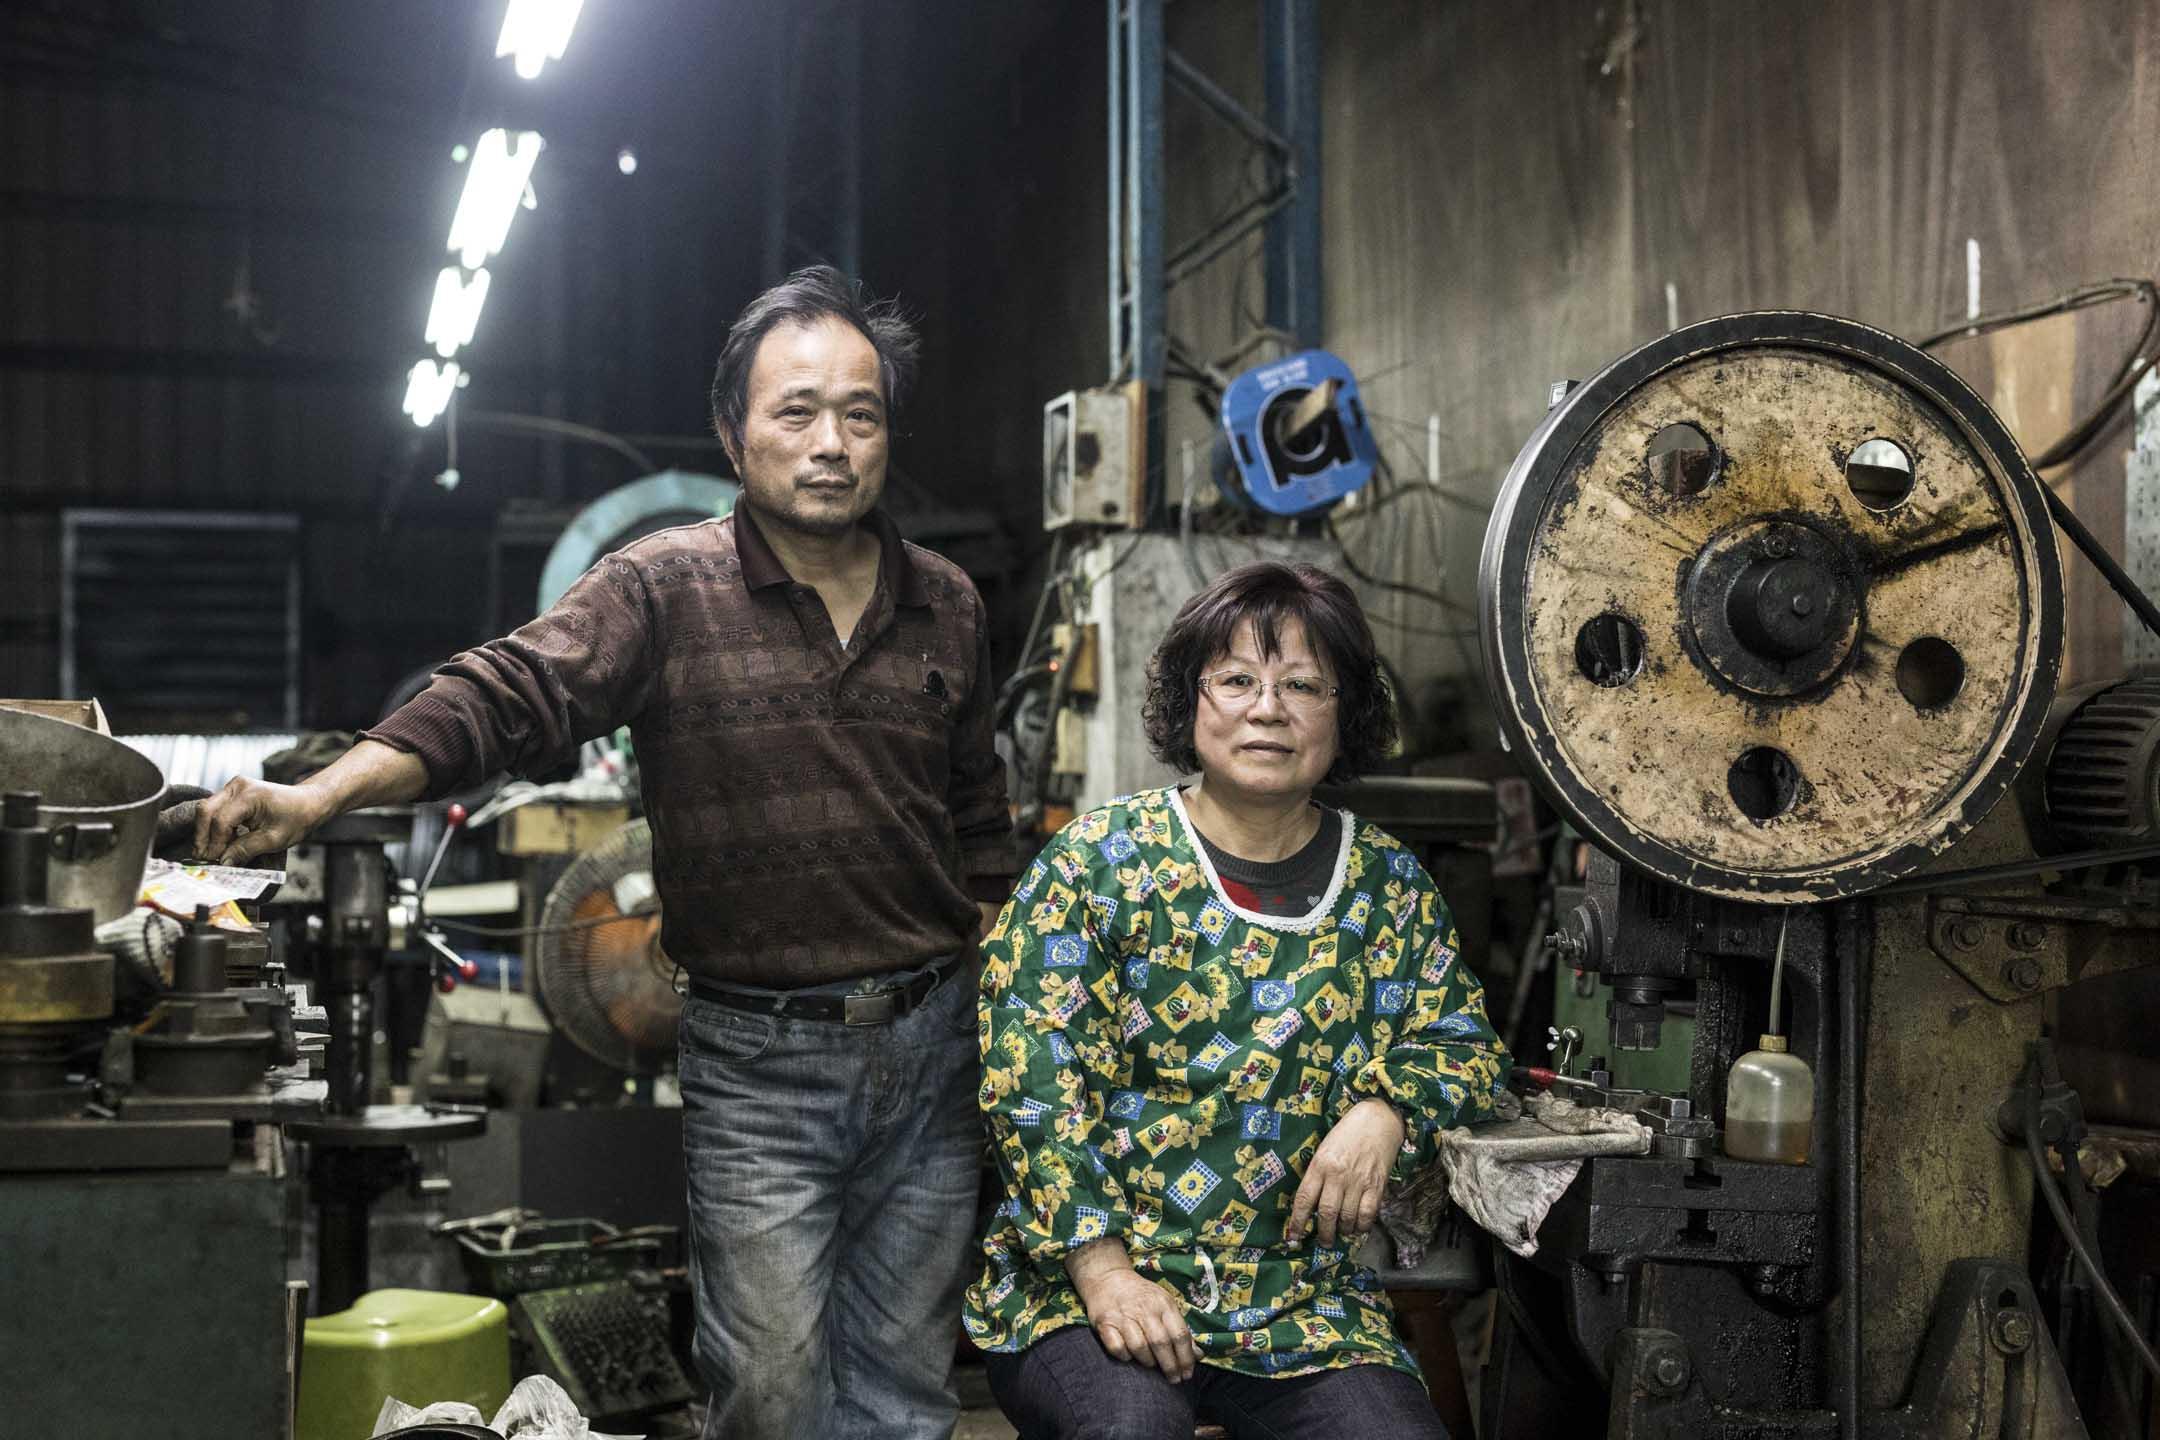 這間無名鐵皮工廠的老闆林朝山與妻子。林朝山認為,現在年輕人比較不願意待工廠,加上沖床加工業風險高,現在類似他們這種小工廠已幾乎徵不到人,多數是夫妻、家人自己做。 攝:張國耀/端傳媒